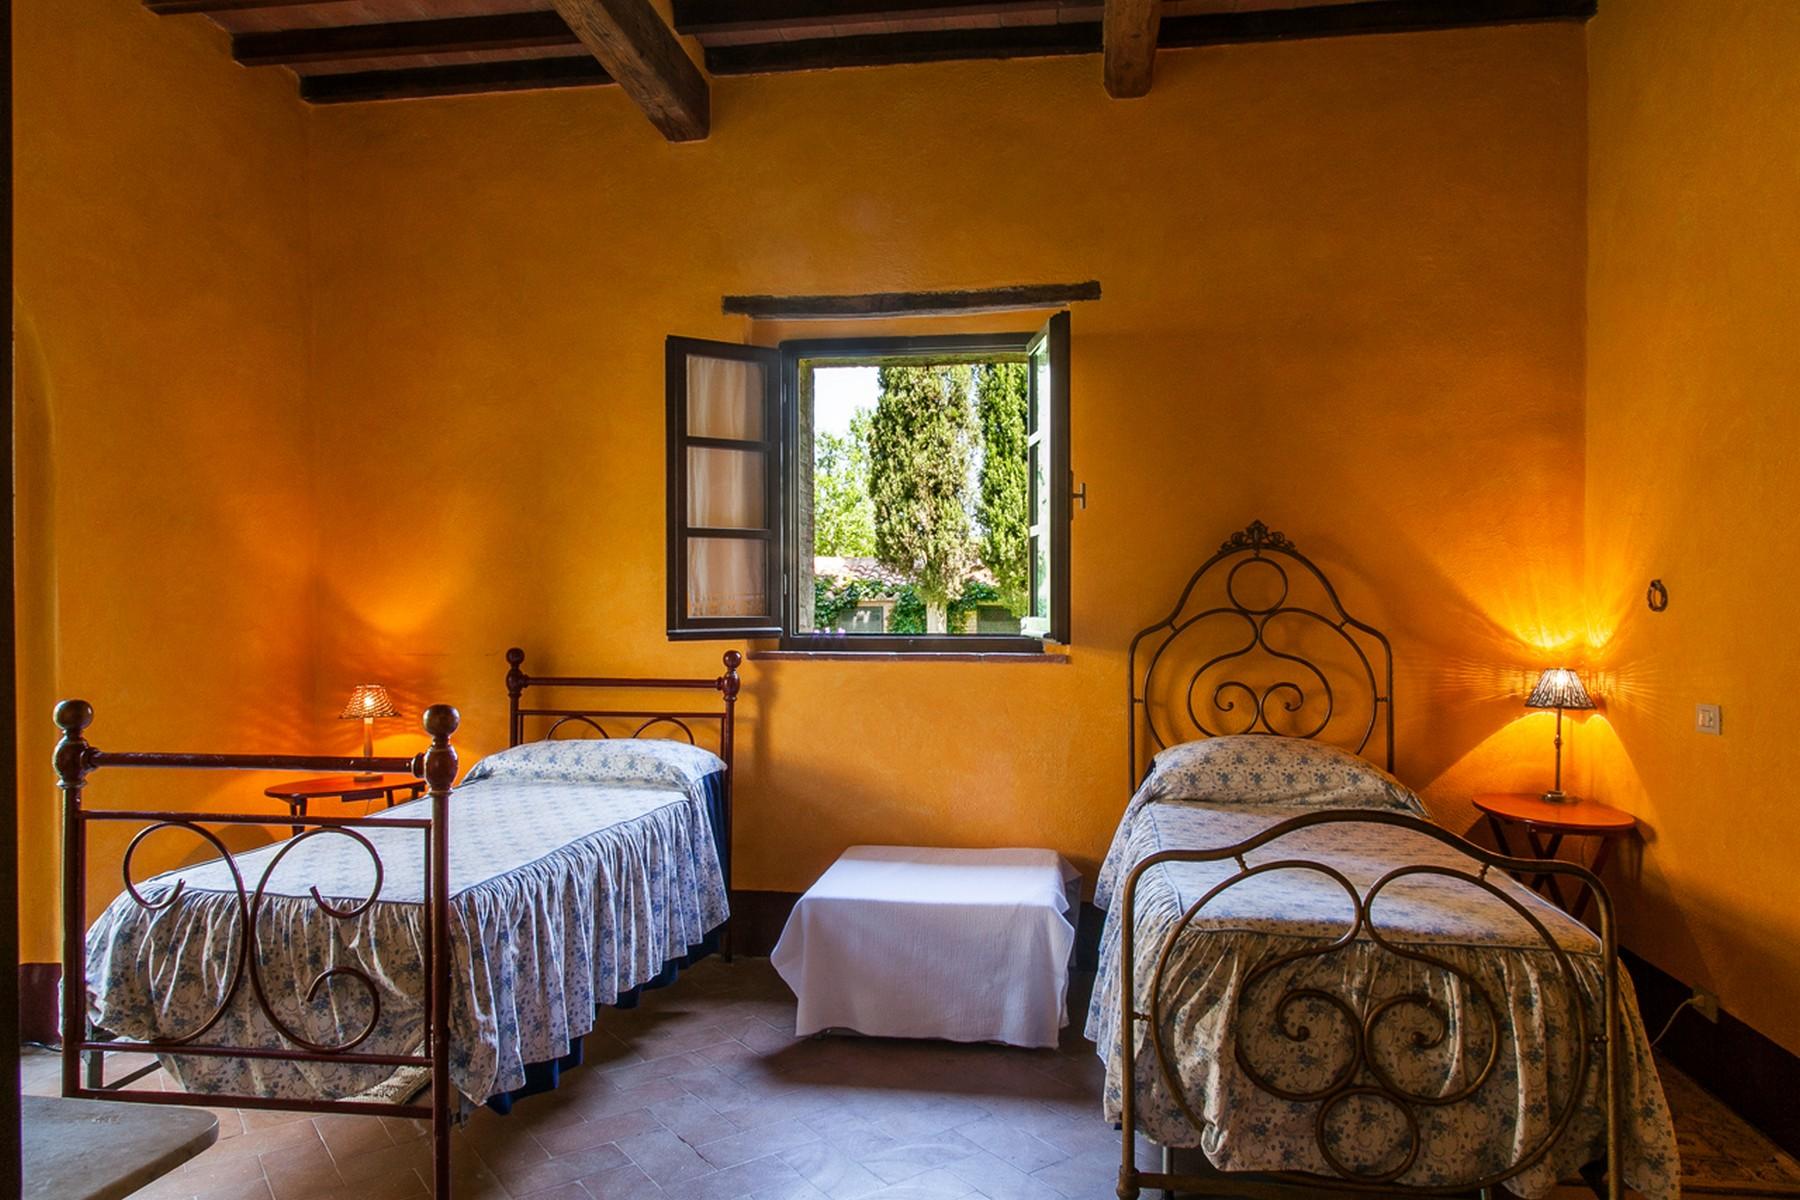 Rustico in Vendita a Montalcino: 5 locali, 900 mq - Foto 18